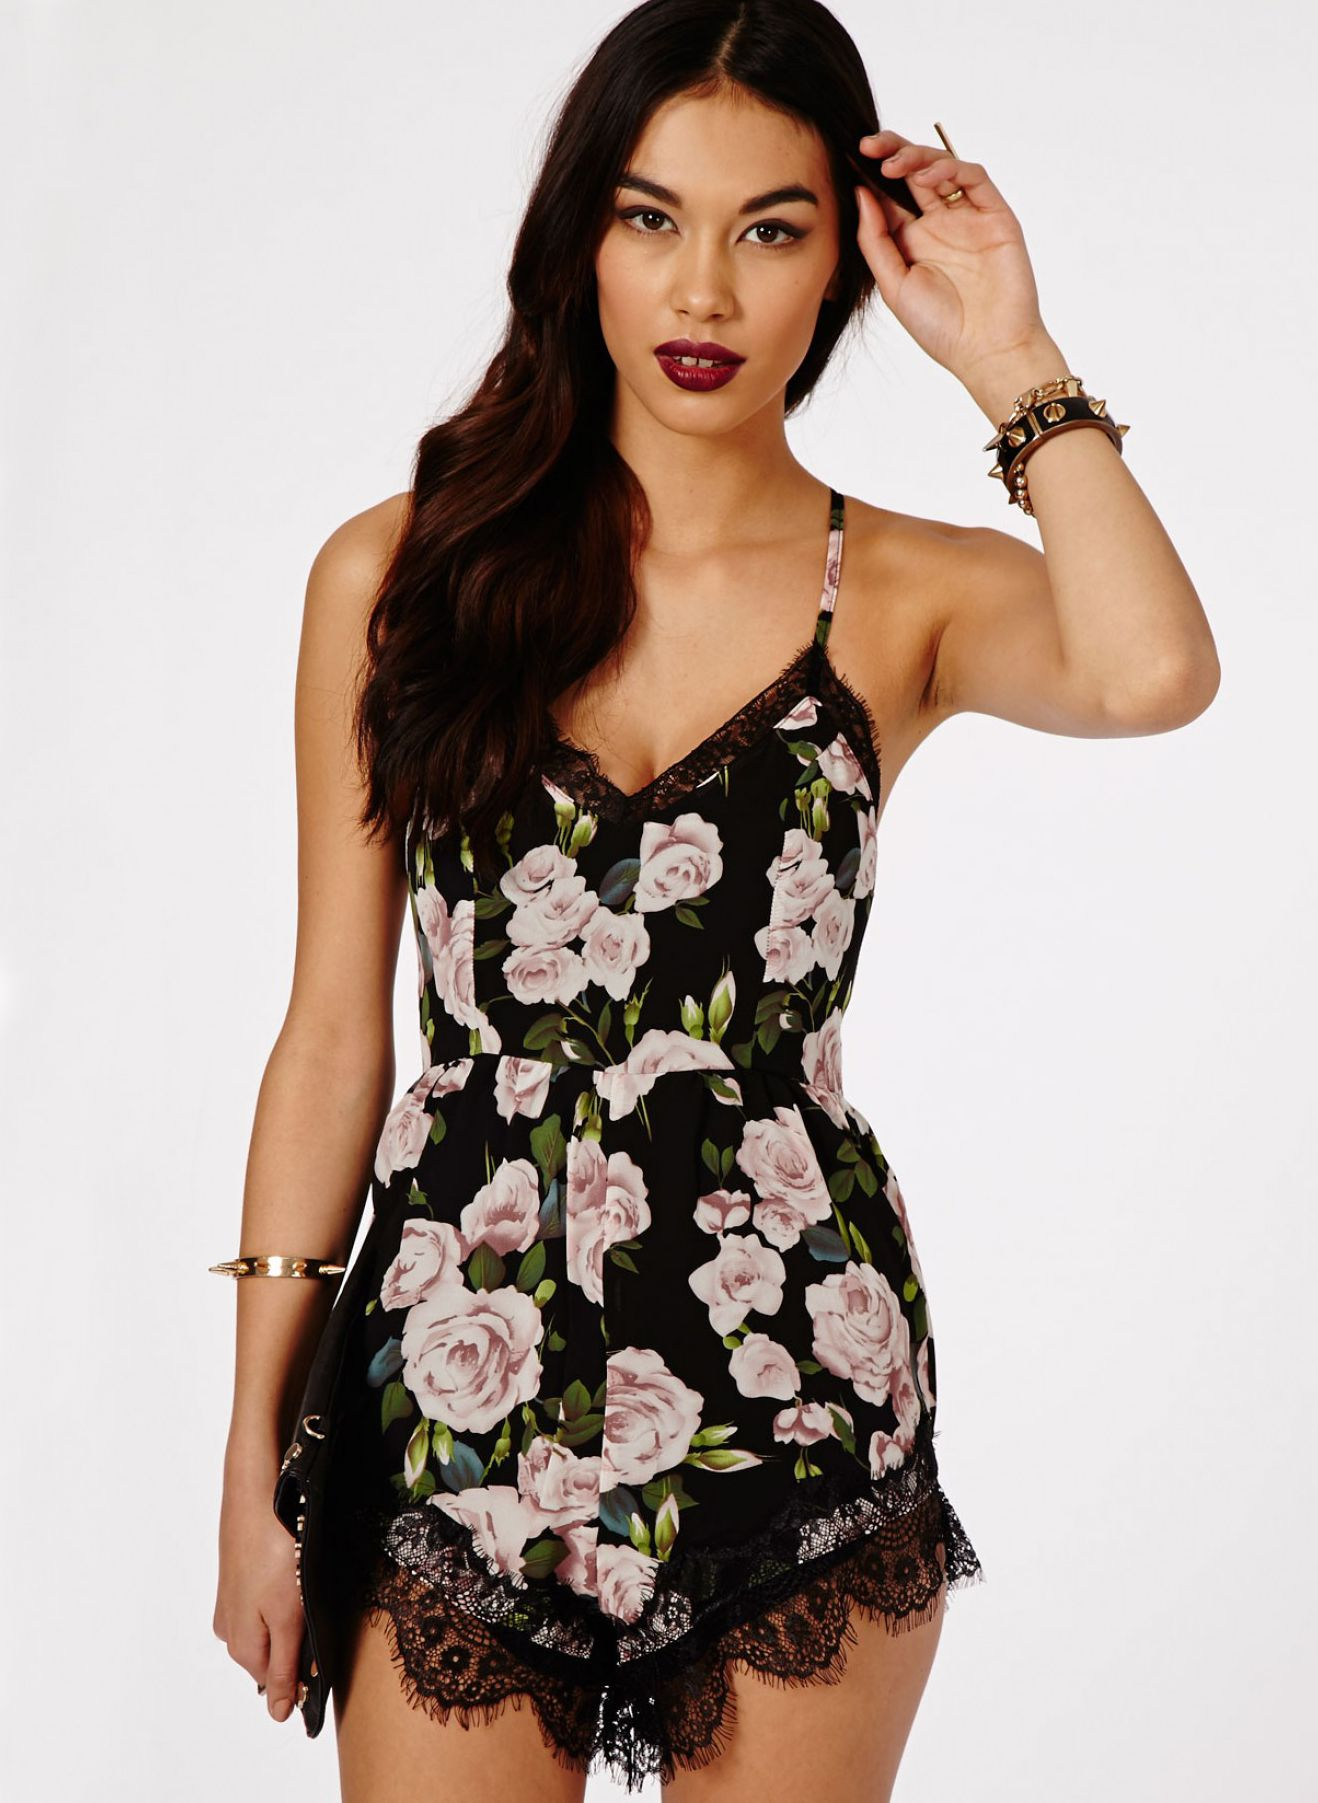 a14f00e4100a Black Criss Cross Floral Lace Slim Jumpsuit 21.67